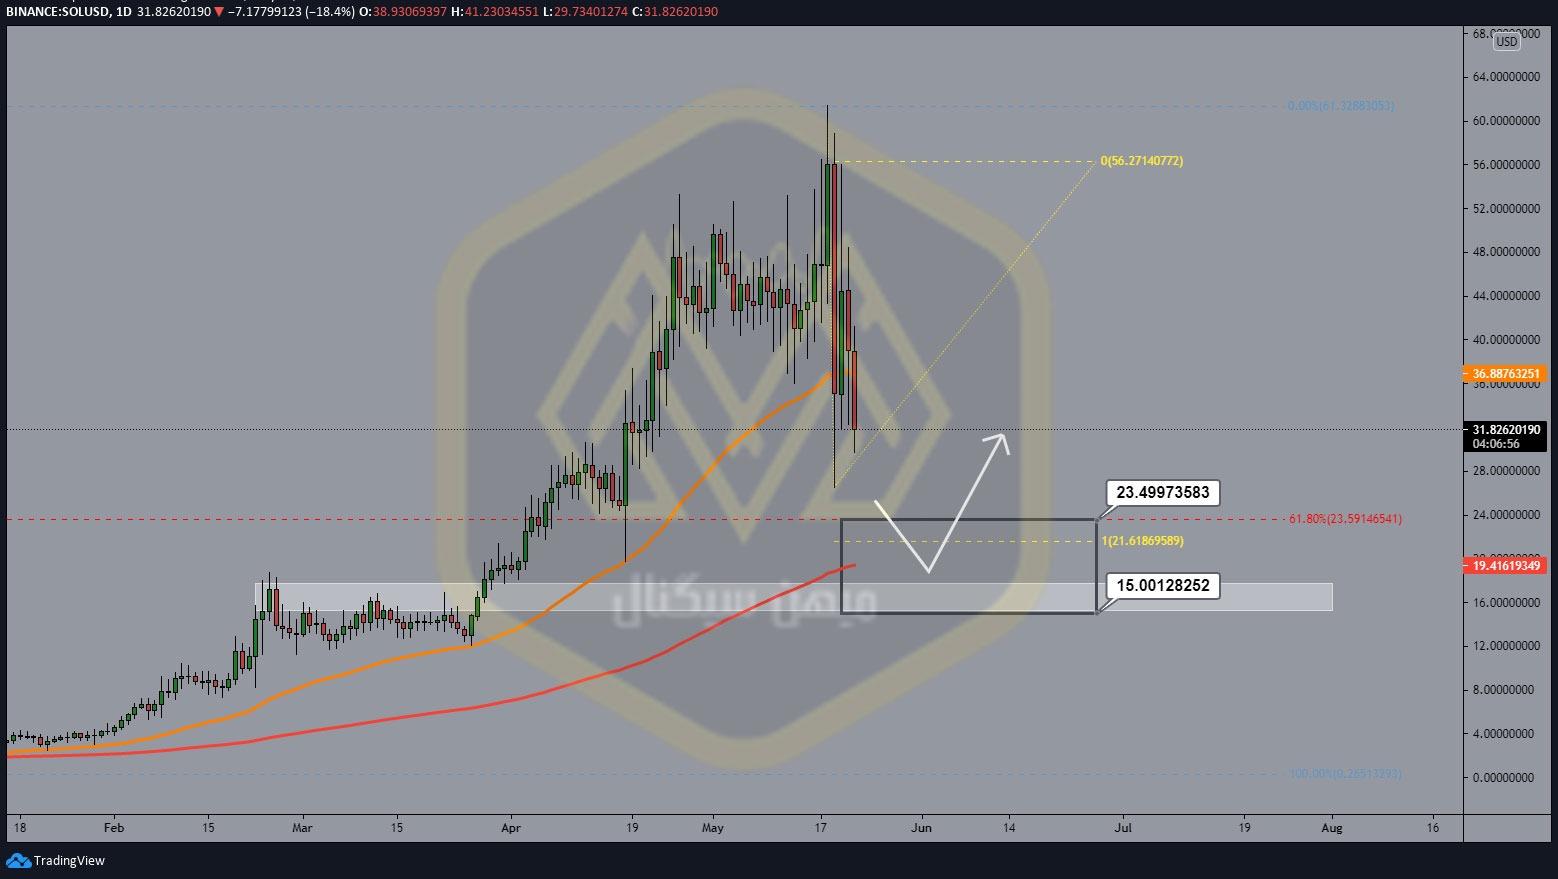 نمودار یک روزه سولانا / دلار